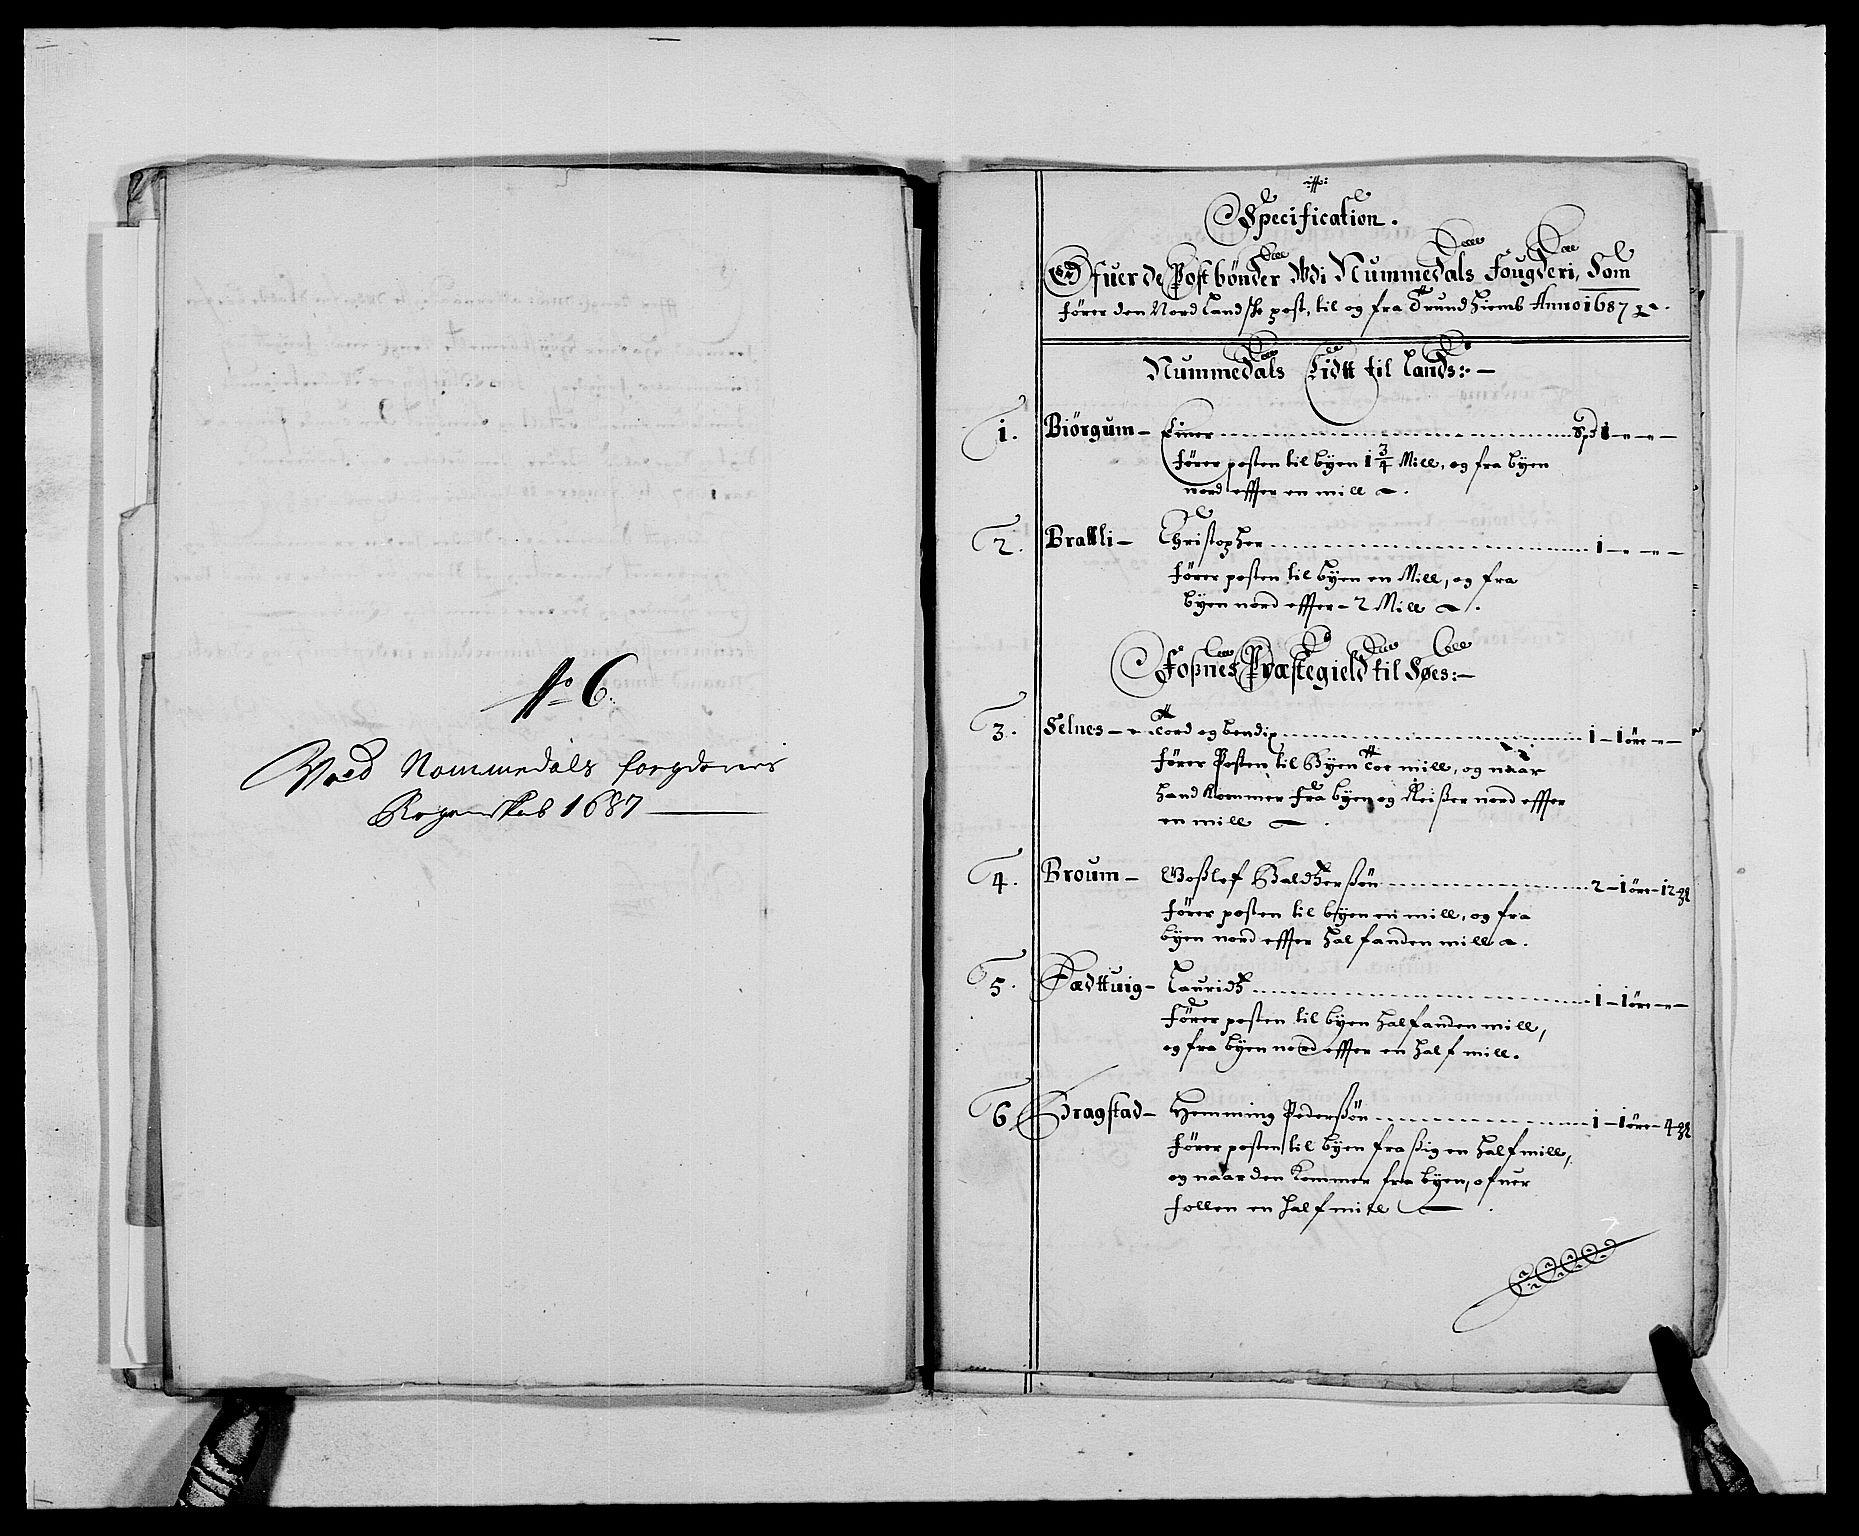 RA, Rentekammeret inntil 1814, Reviderte regnskaper, Fogderegnskap, R64/L4422: Fogderegnskap Namdal, 1687-1689, s. 83